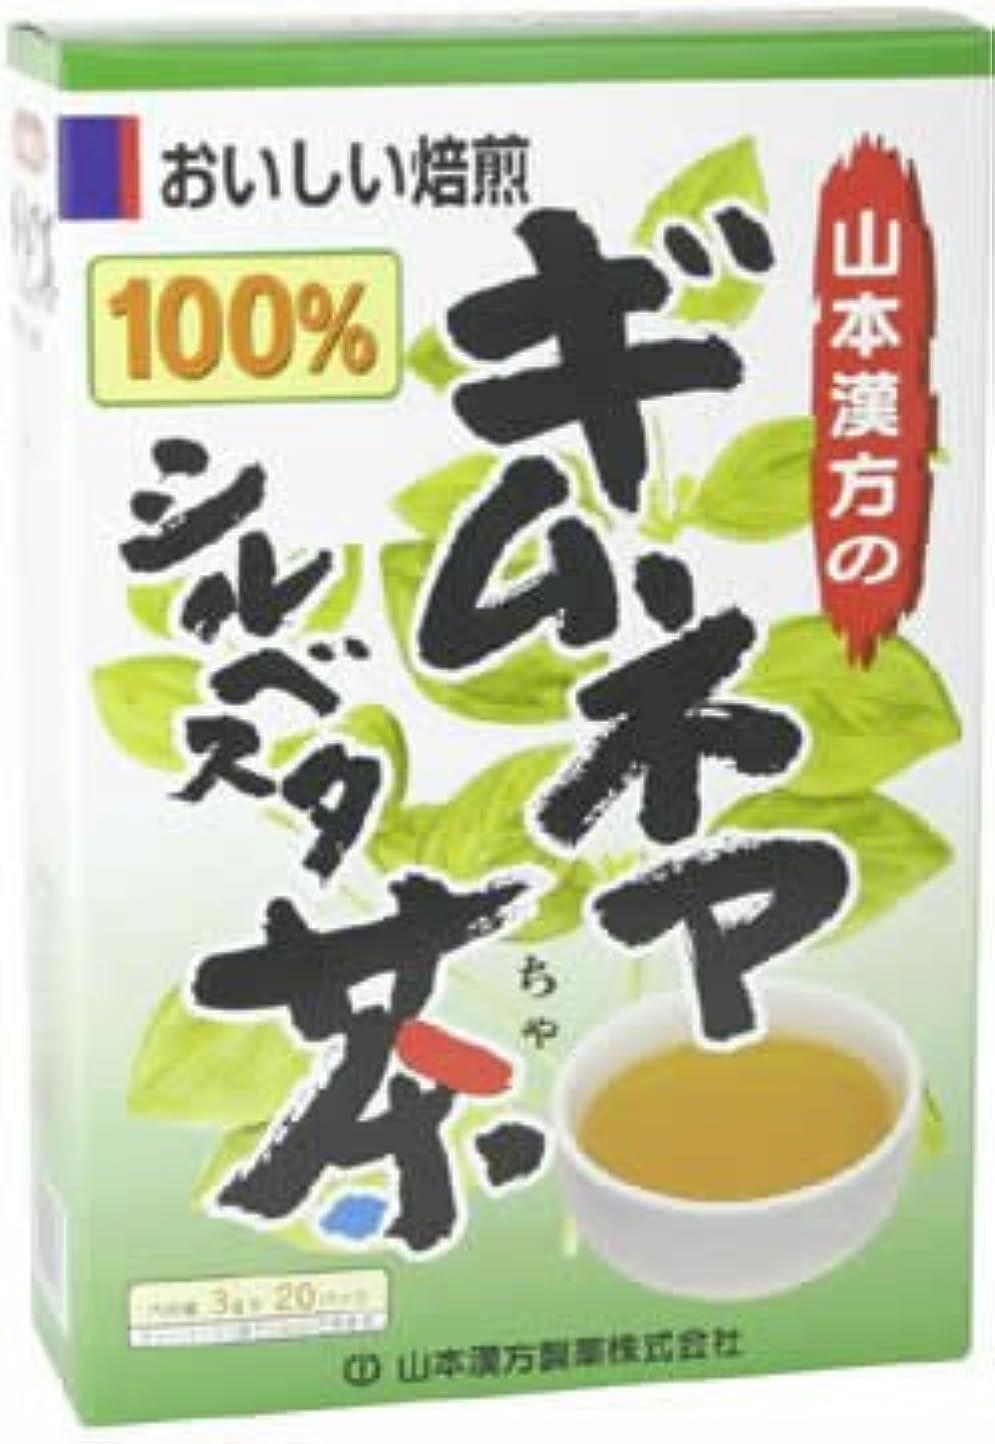 予想外膨らみ減少山本漢方製薬 ギムネマシルベスタ茶100% 3gX20H